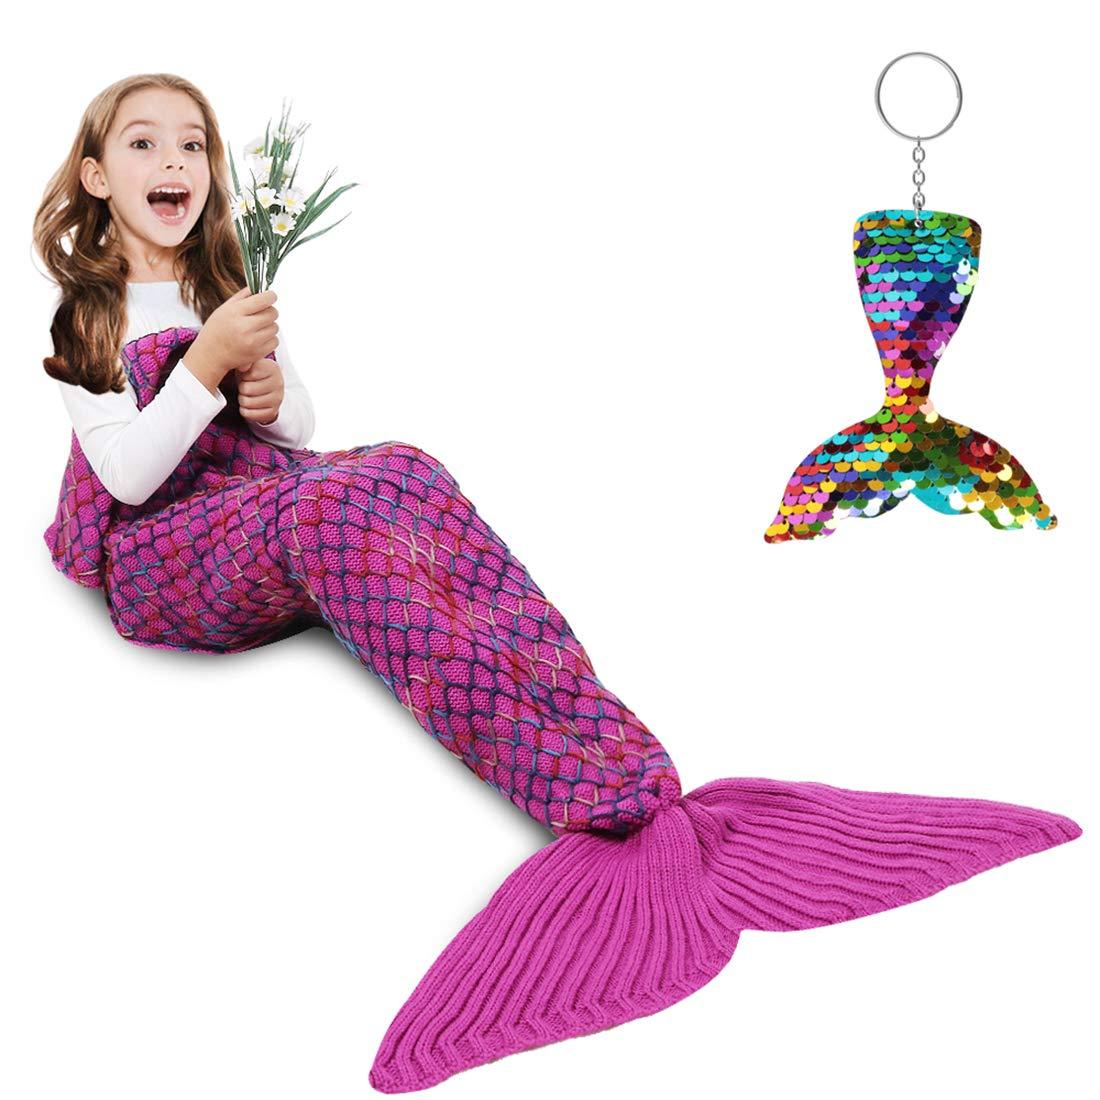 AmyHomie Mermaid Tail Blanket, Mermaid Blanket Adult Mermaid Tail Blanket, Crotchet Kids Mermaid Tail Blanket for Girls (Rainbow, Kids) by AmyHomie